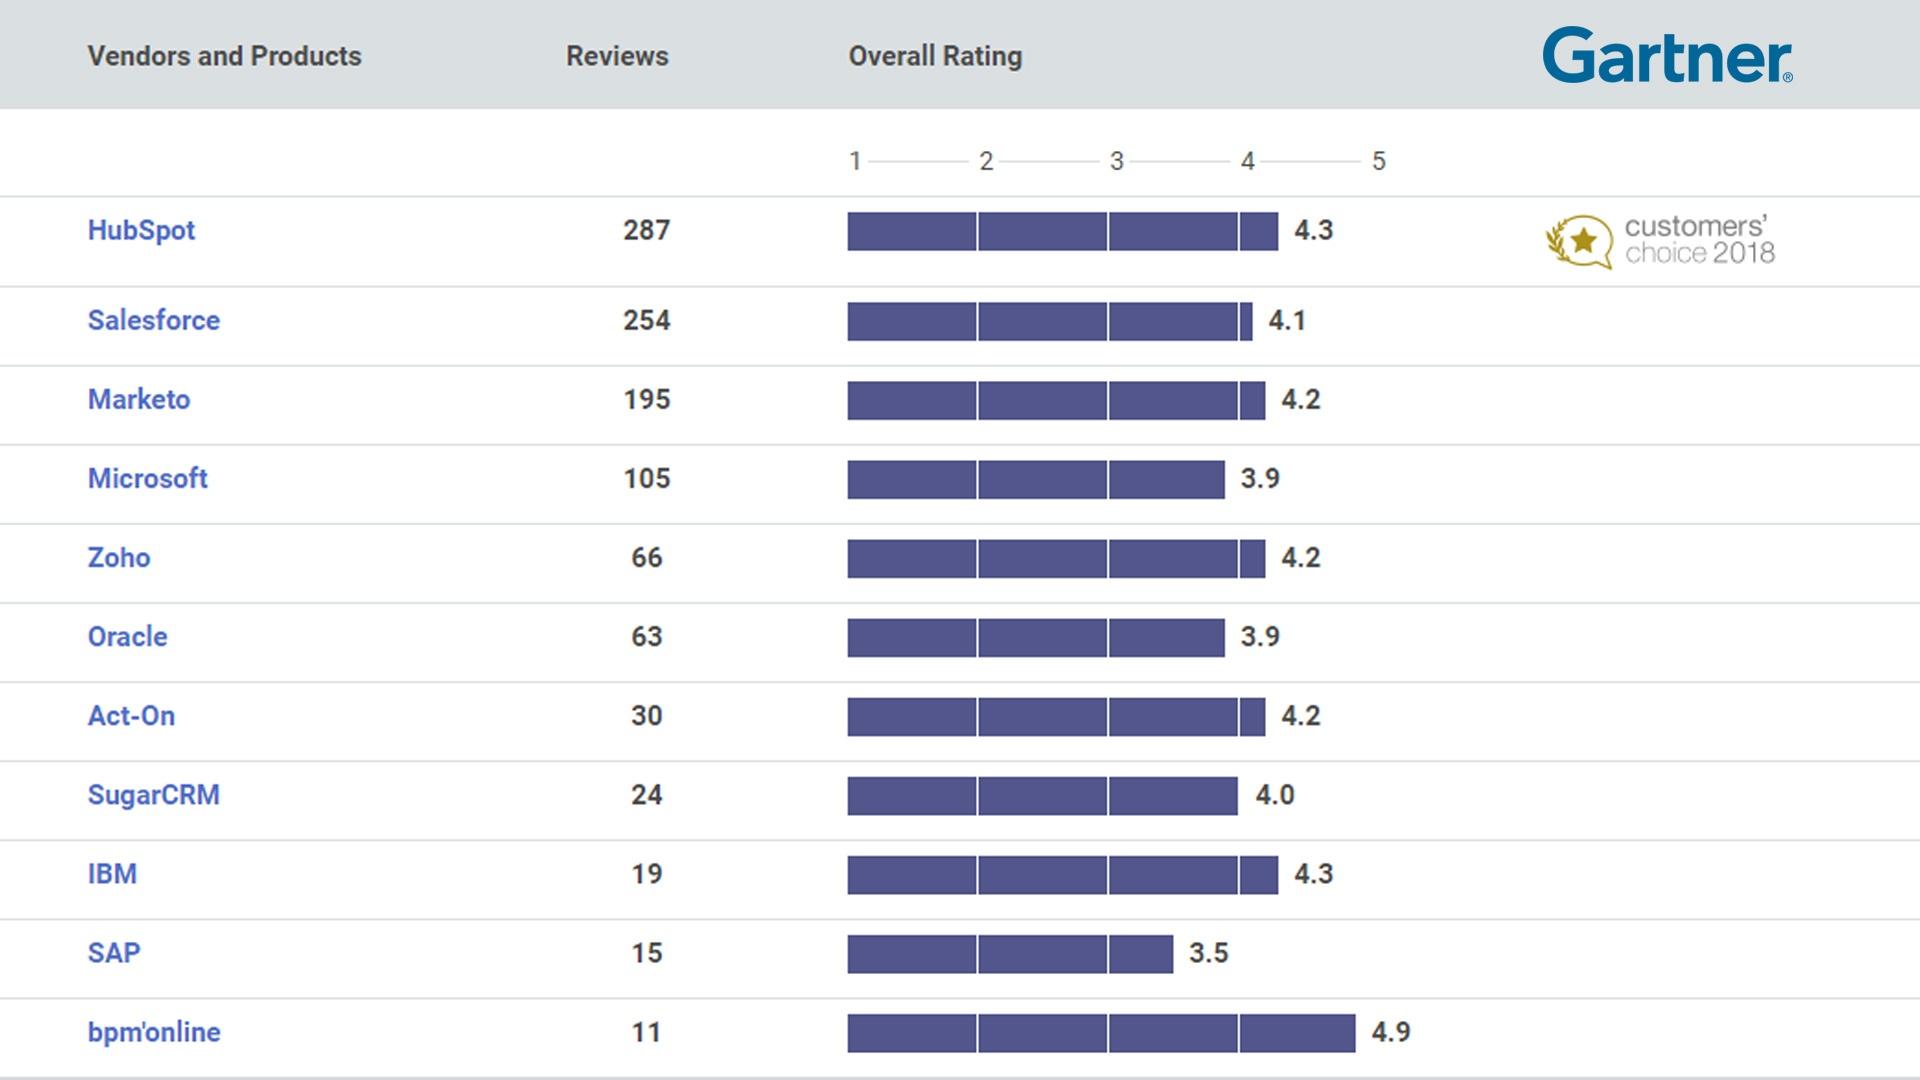 HubSpot ha riscosso molto successo tra i suoi utenti, ancor più di quelli di altre piattaforme del calibro di Salesforce, Marketo, Microsoft e Zoho